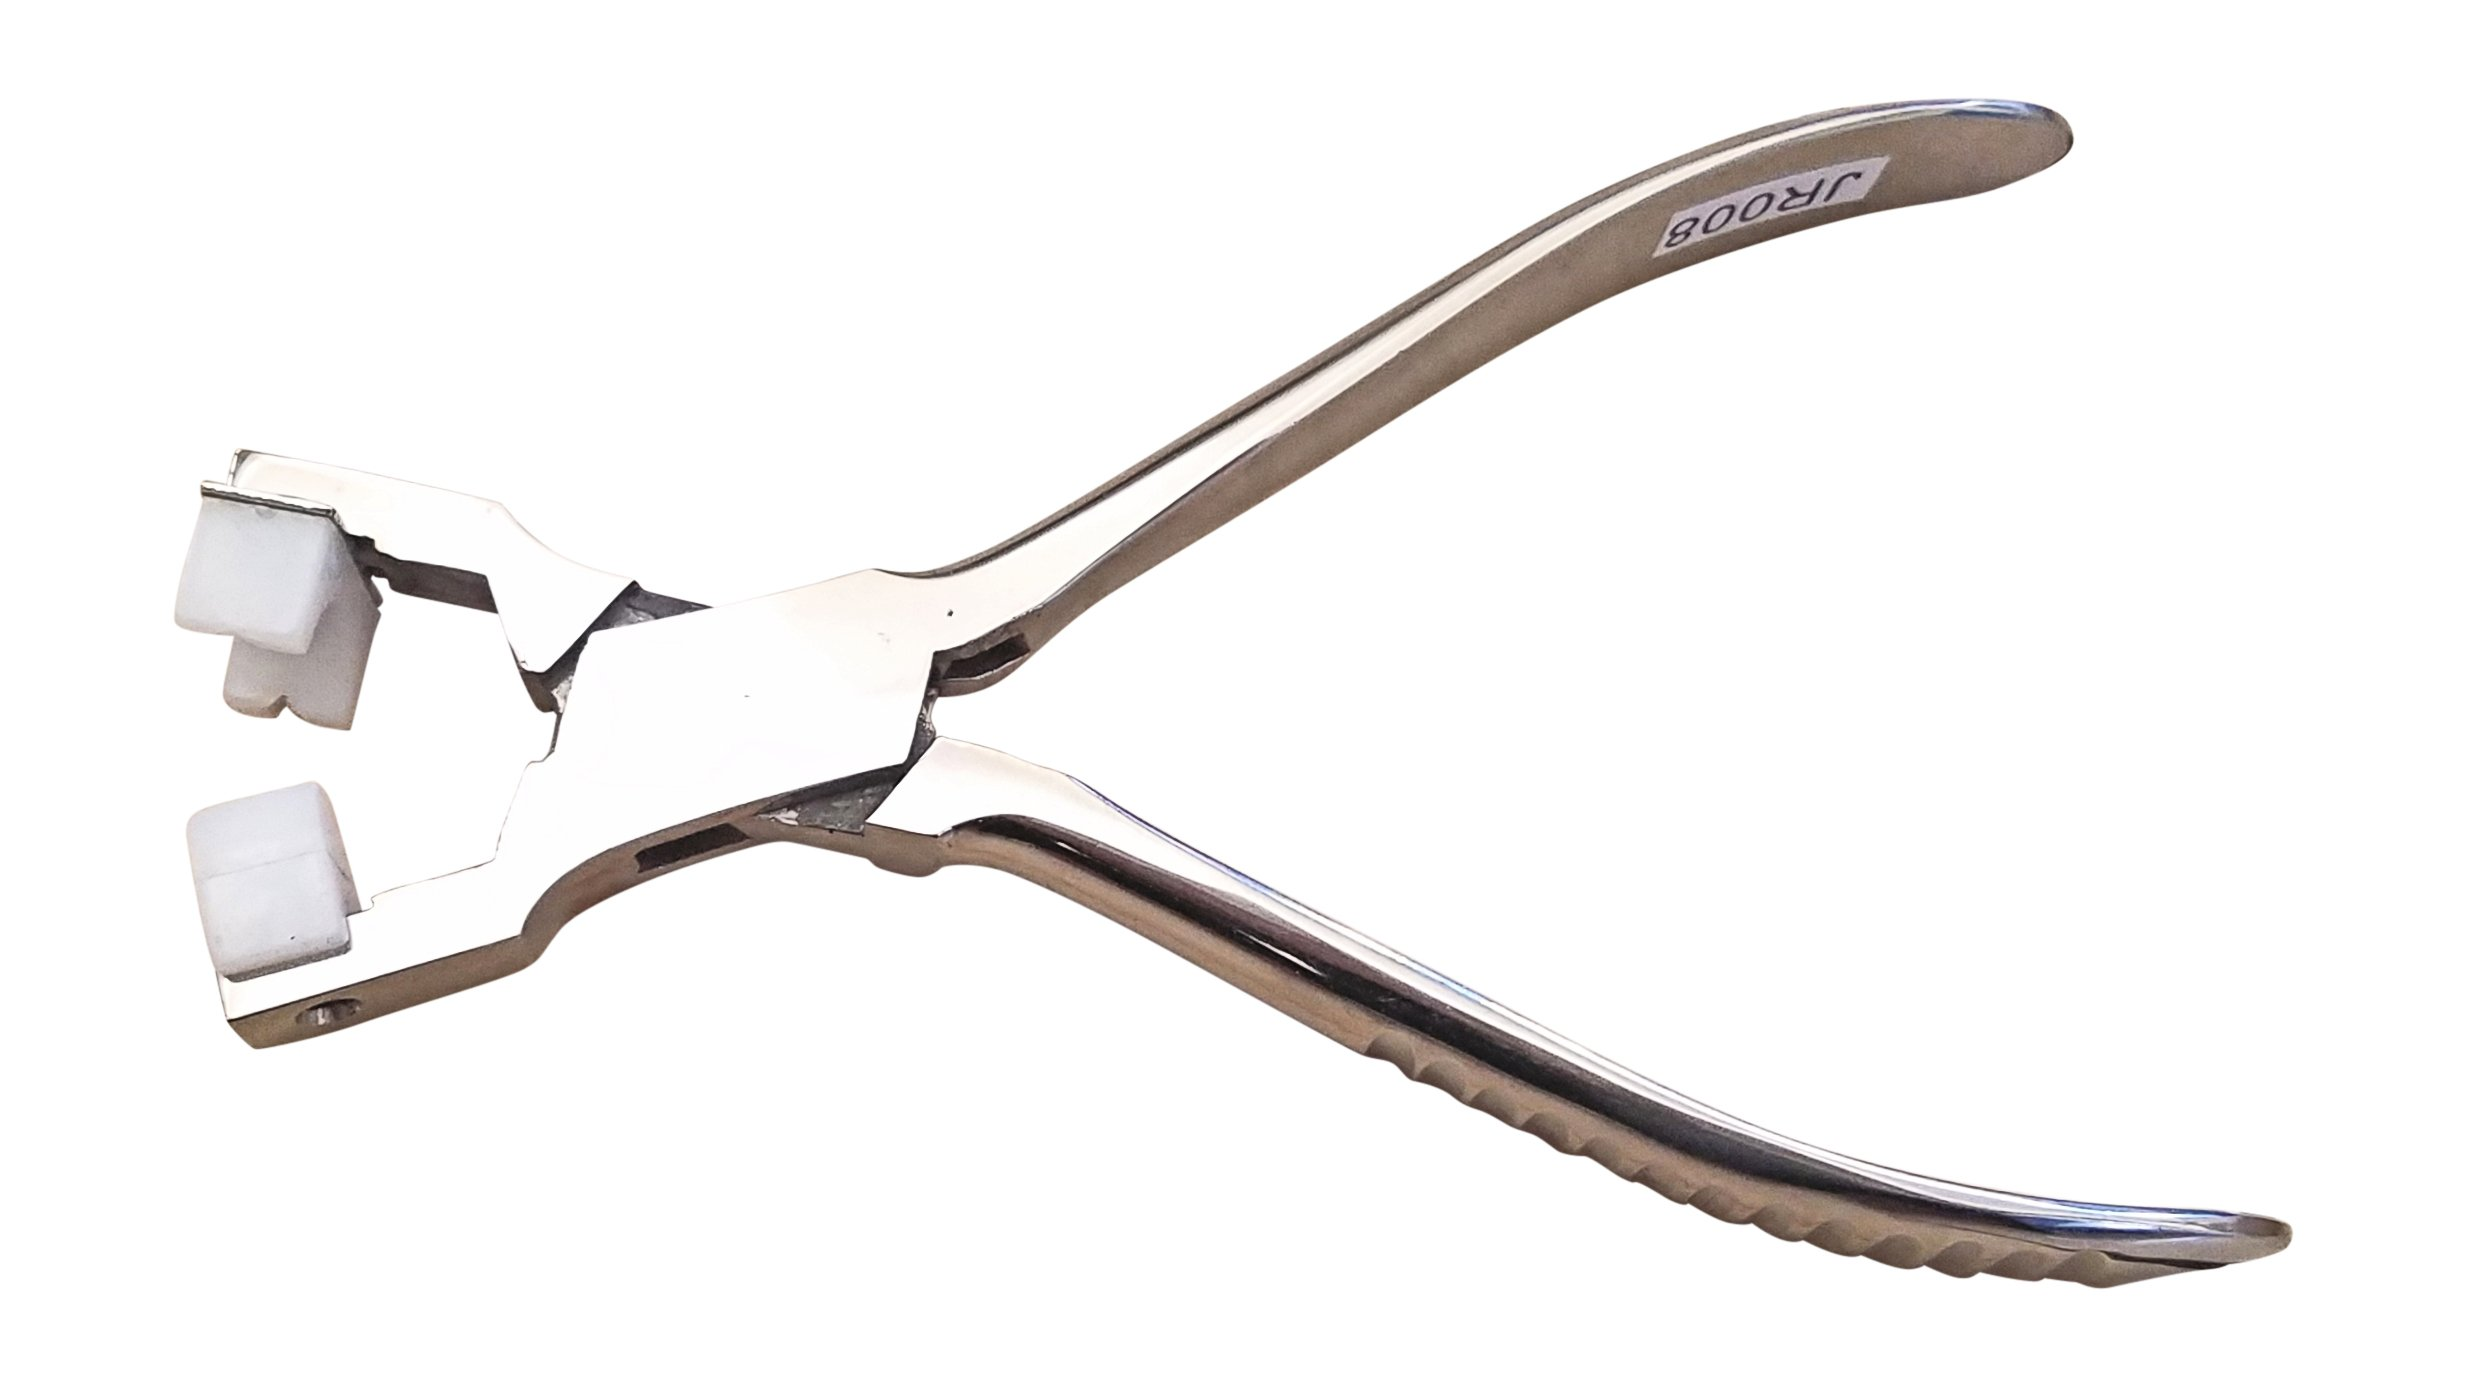 EFK-II Supply Optical Eyeglass Repair Pliers/Jewelry Pliers Professional Repair Pliers (Nose Bridge Adjustment Plier)